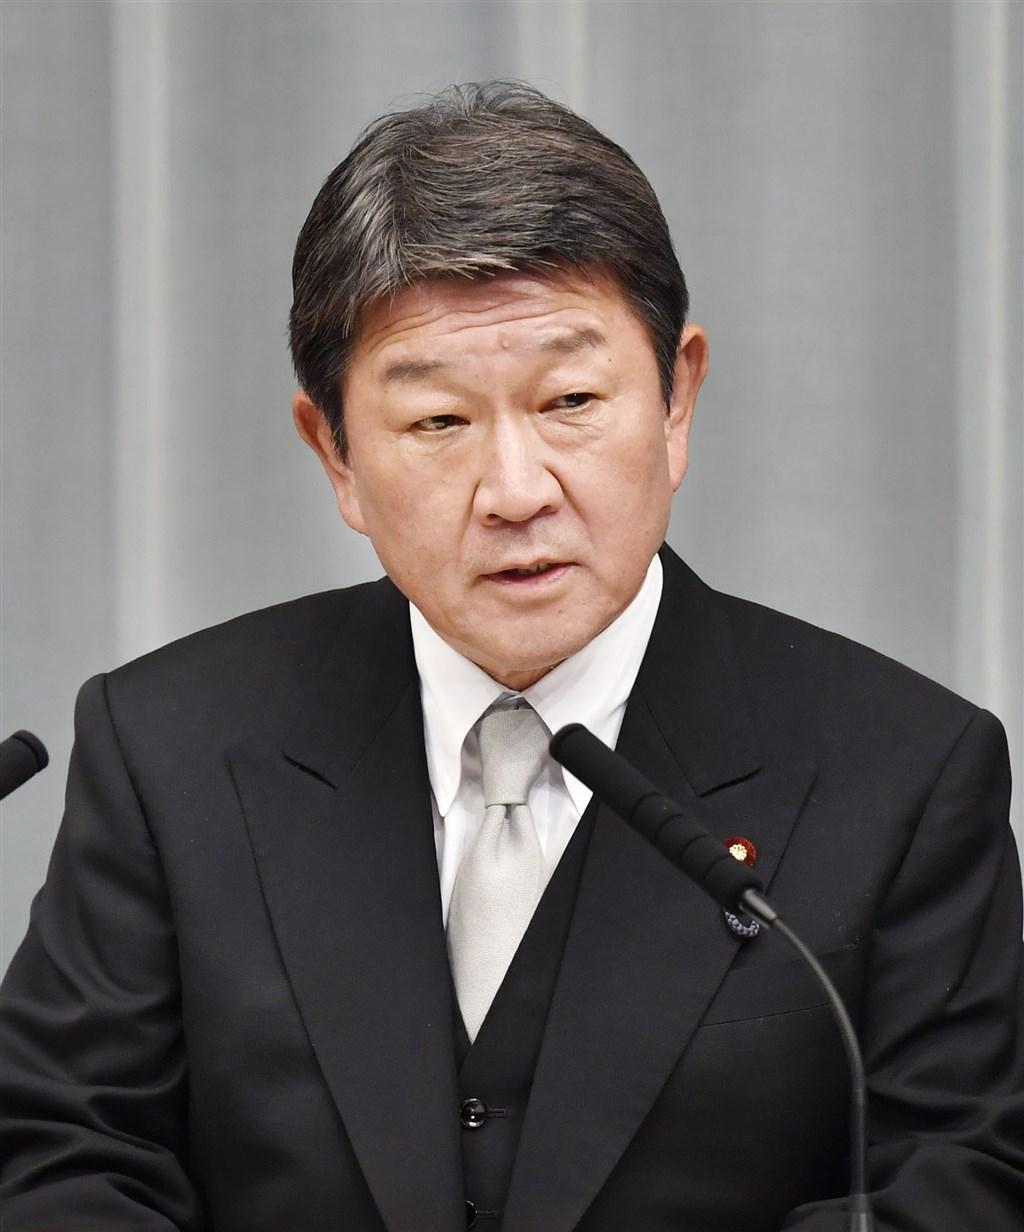 日本外務大臣茂木敏充(圖)就總統蔡英文連任發表談話指出,台日是共有基本價值、緊密經濟關係與人員往來的重要夥伴。(檔案照片/共同社提供)